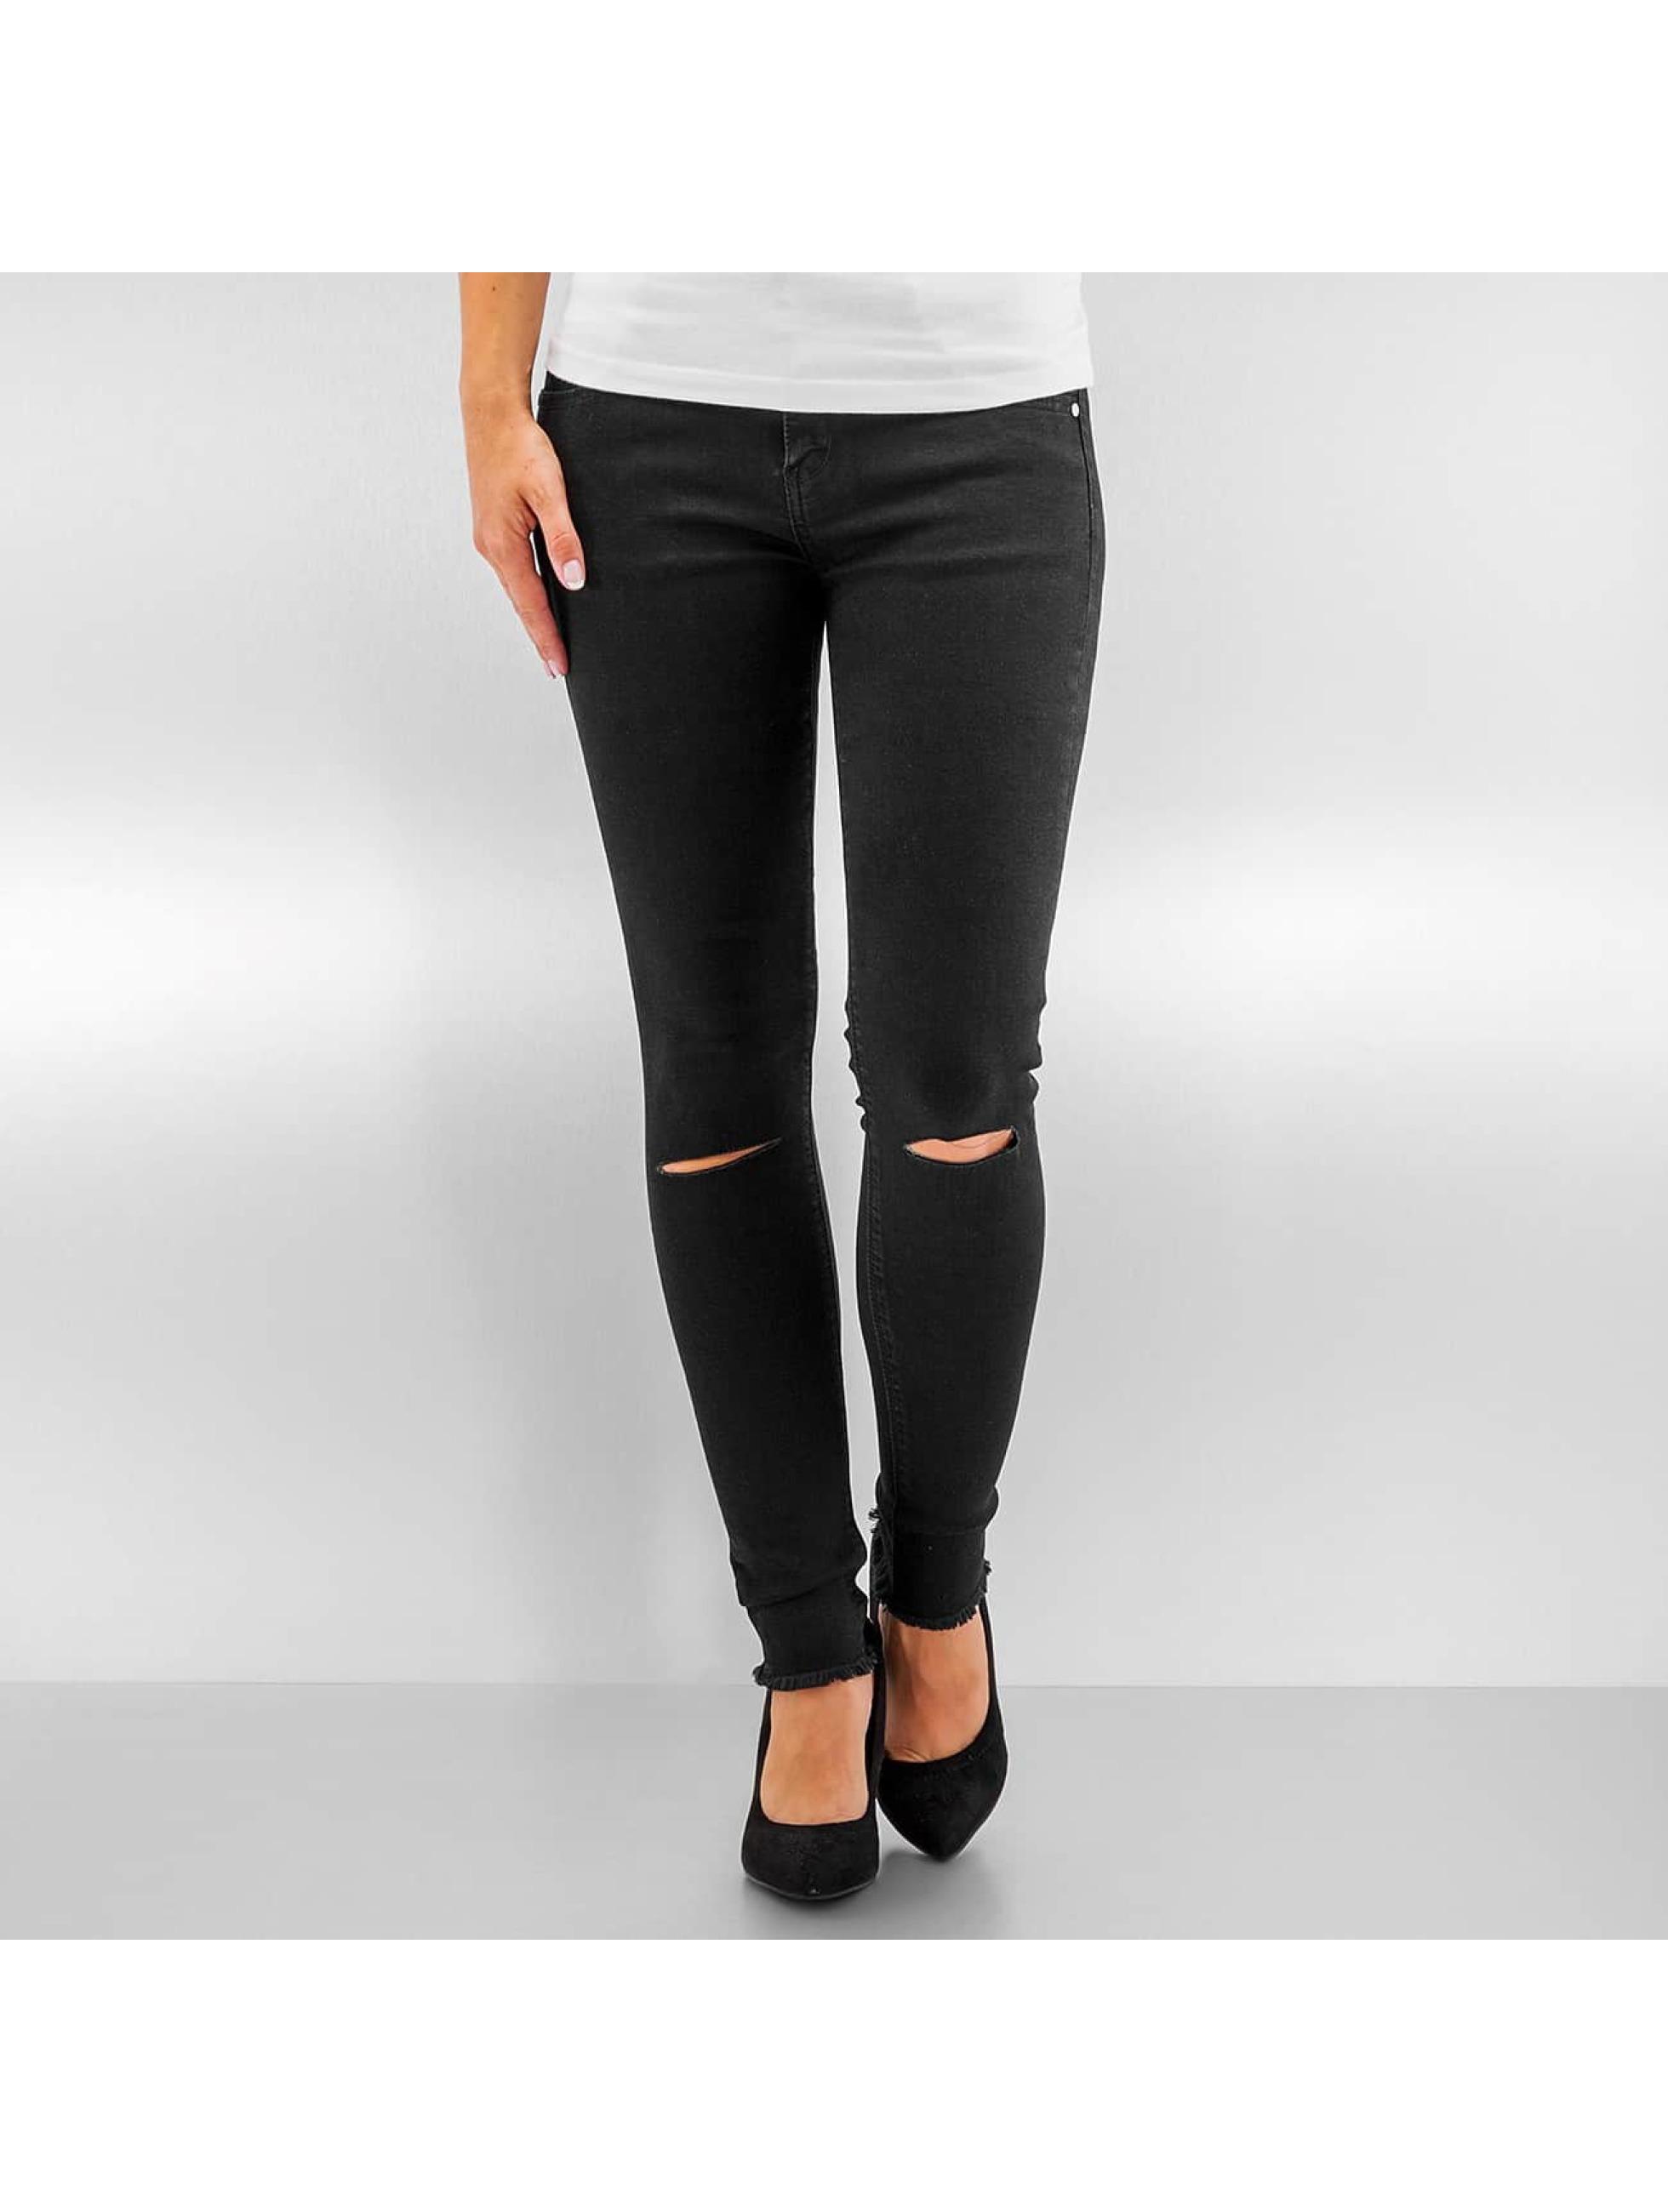 Skinny Jeans Ina in schwarz